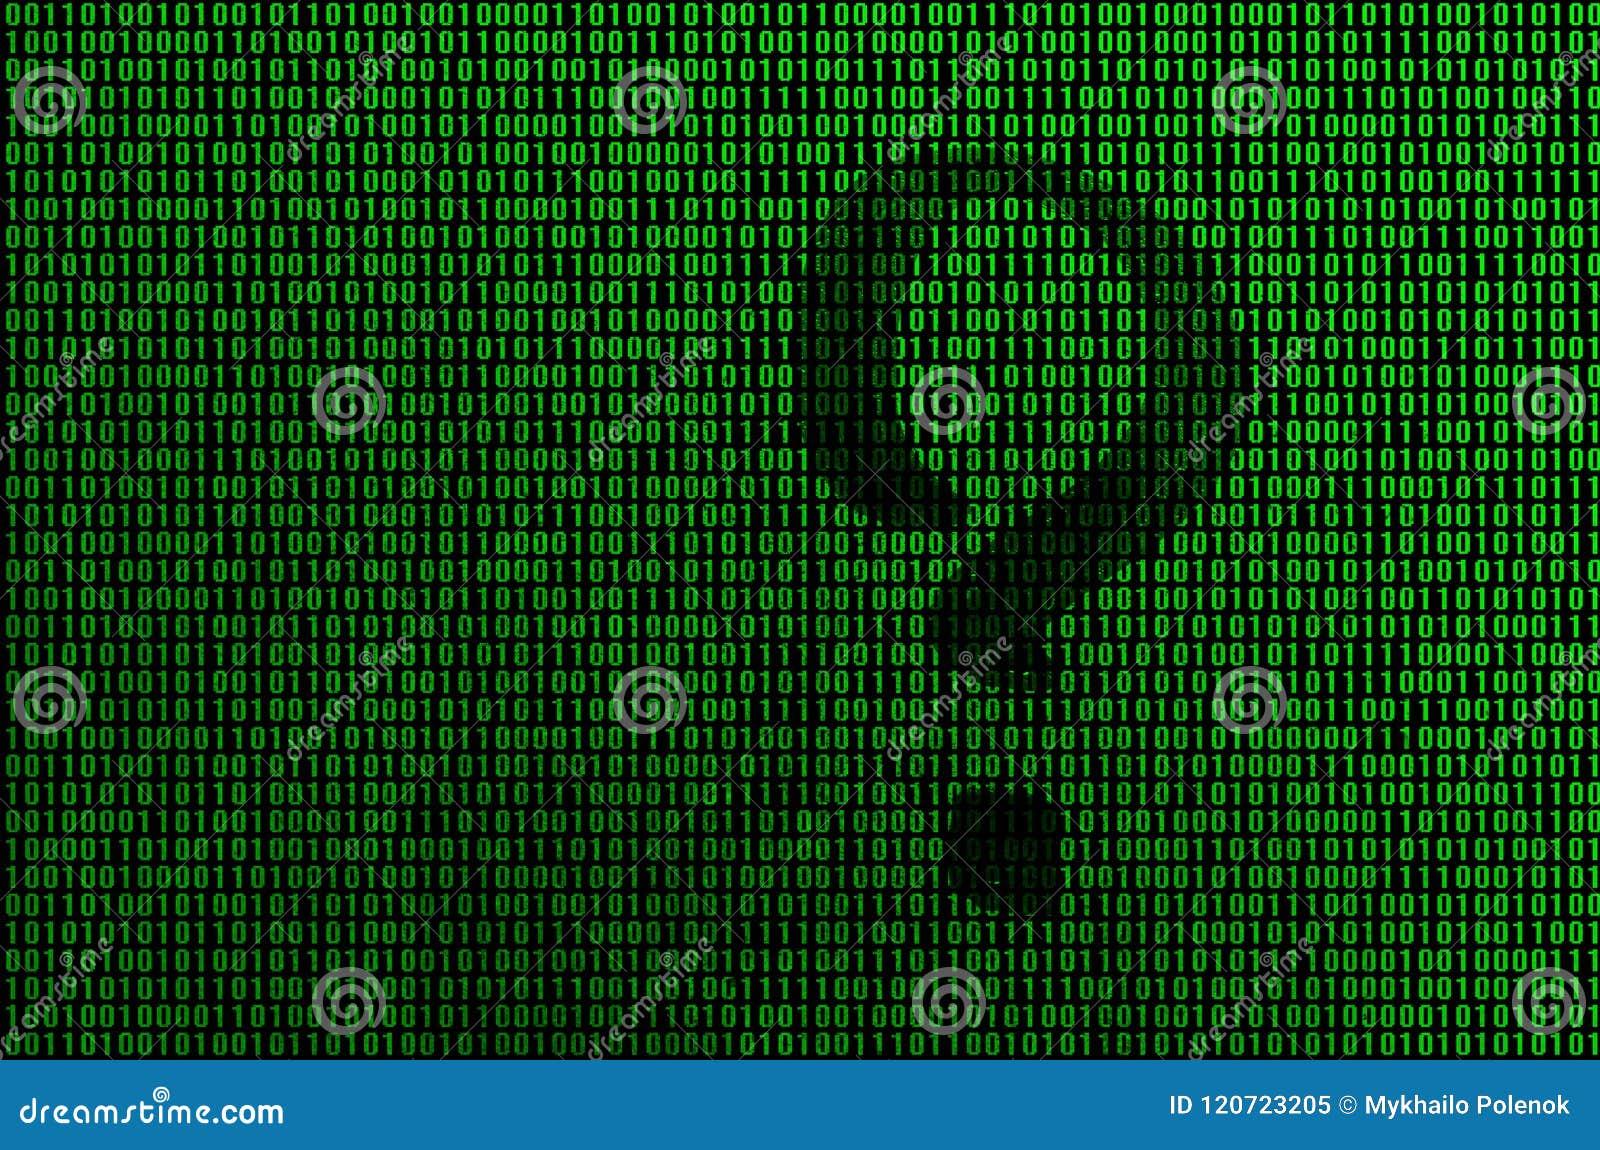 Uma imagem de um código binário dos dígitos verde-claro, através de que o formulário de um ponto de interrogação é visível